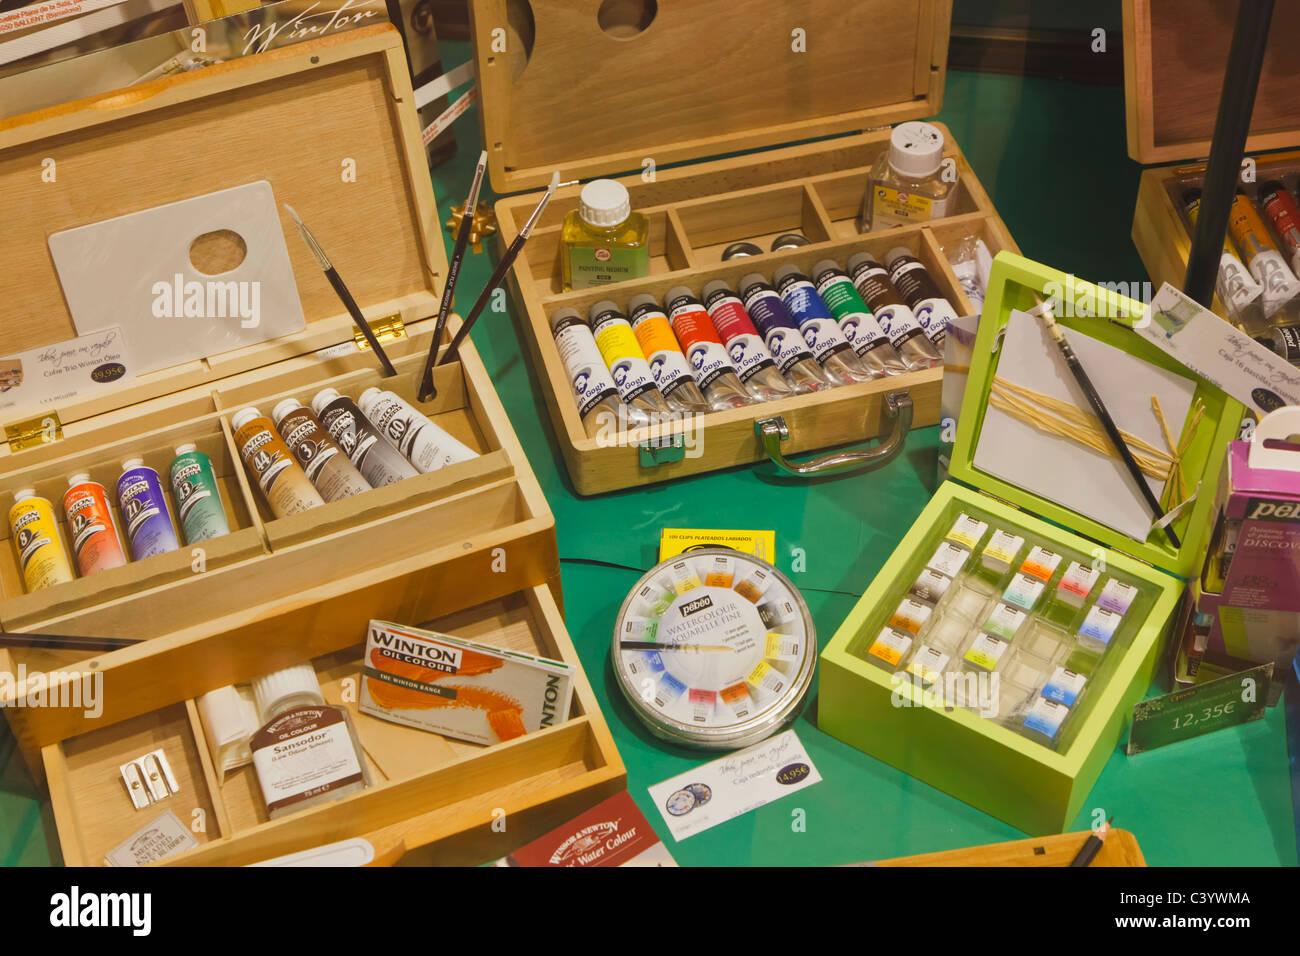 Künstler-Vorräte im Schaufenster. Wasser, Farben, Ölfarben, Pinsel, Paletten. Stockbild